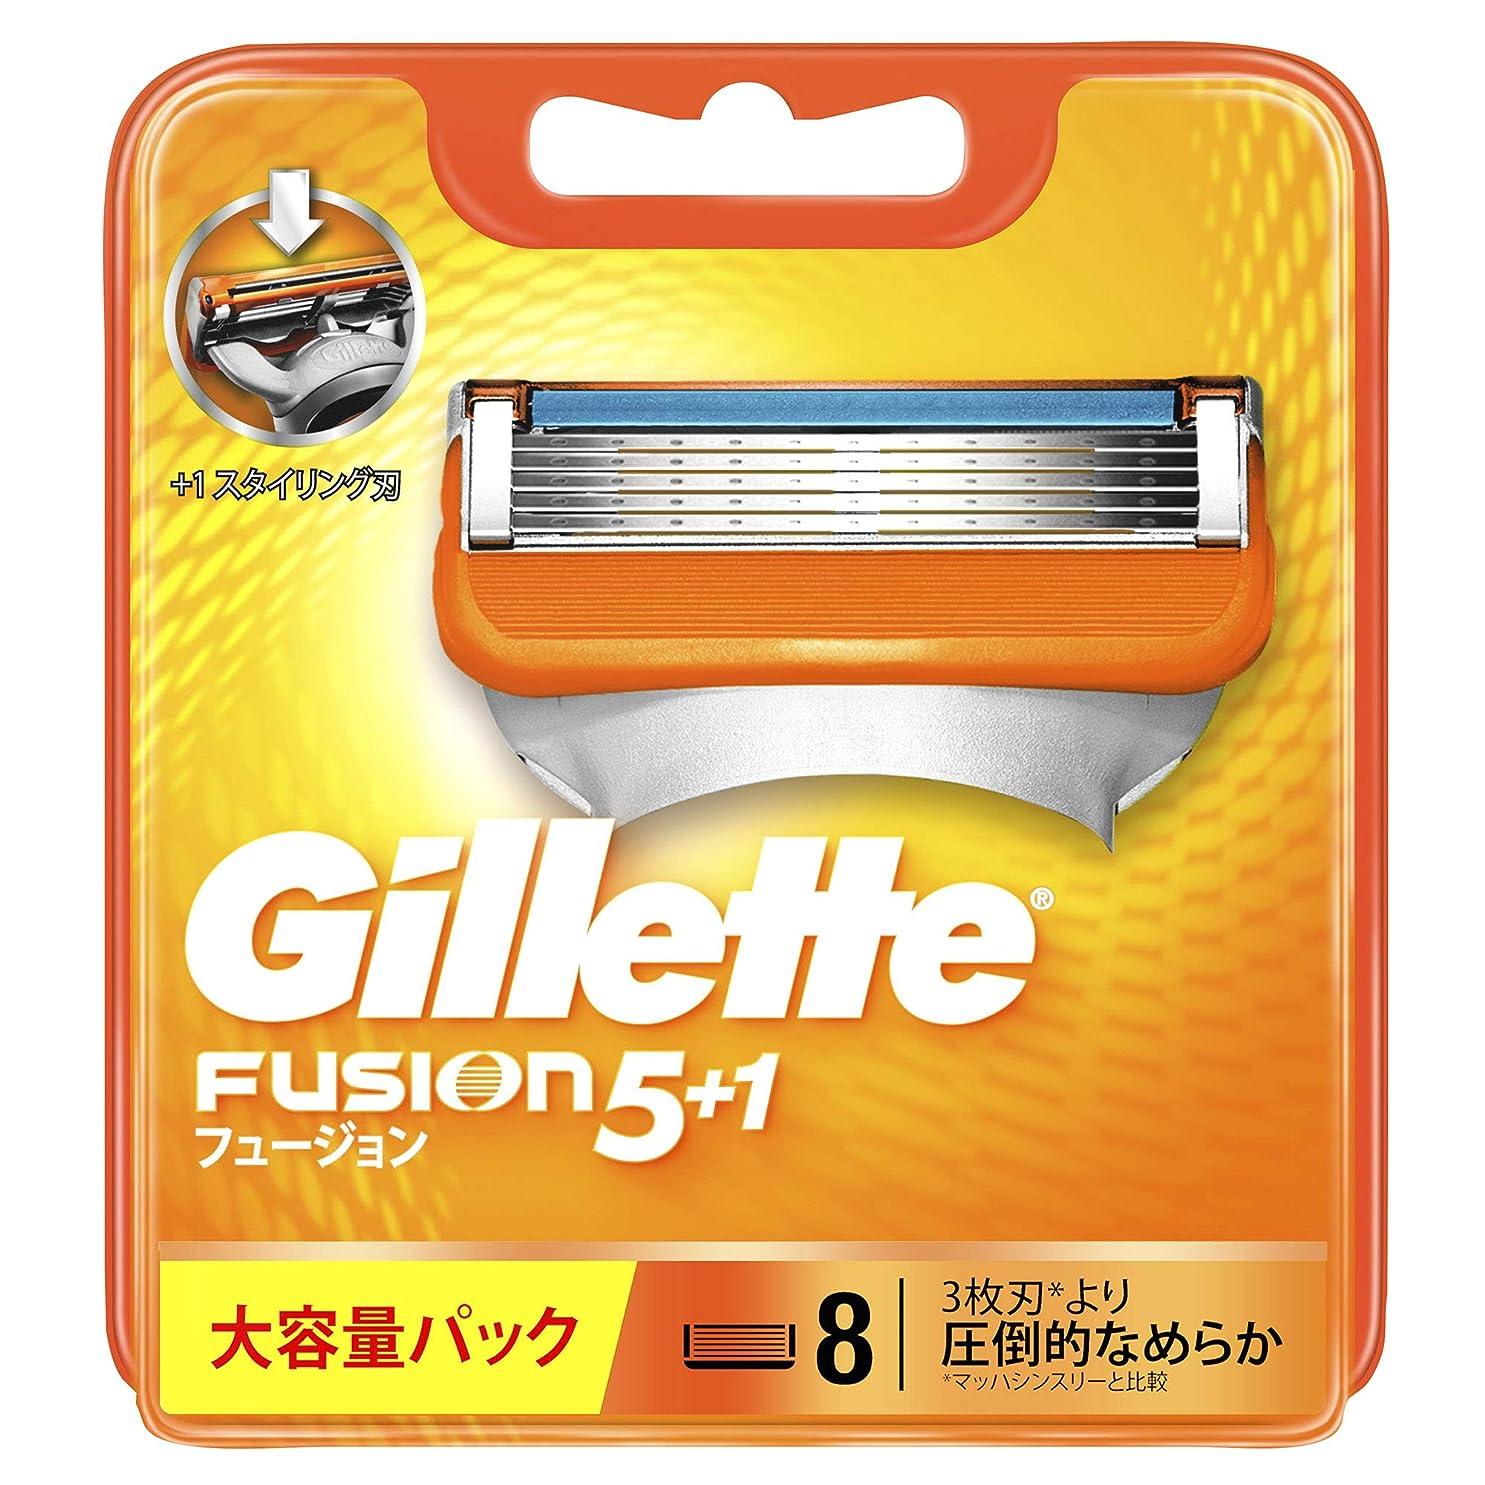 武装解除機動チャンピオンジレット フュージョン5+1 マニュアル 髭剃り 替刃 8コ入